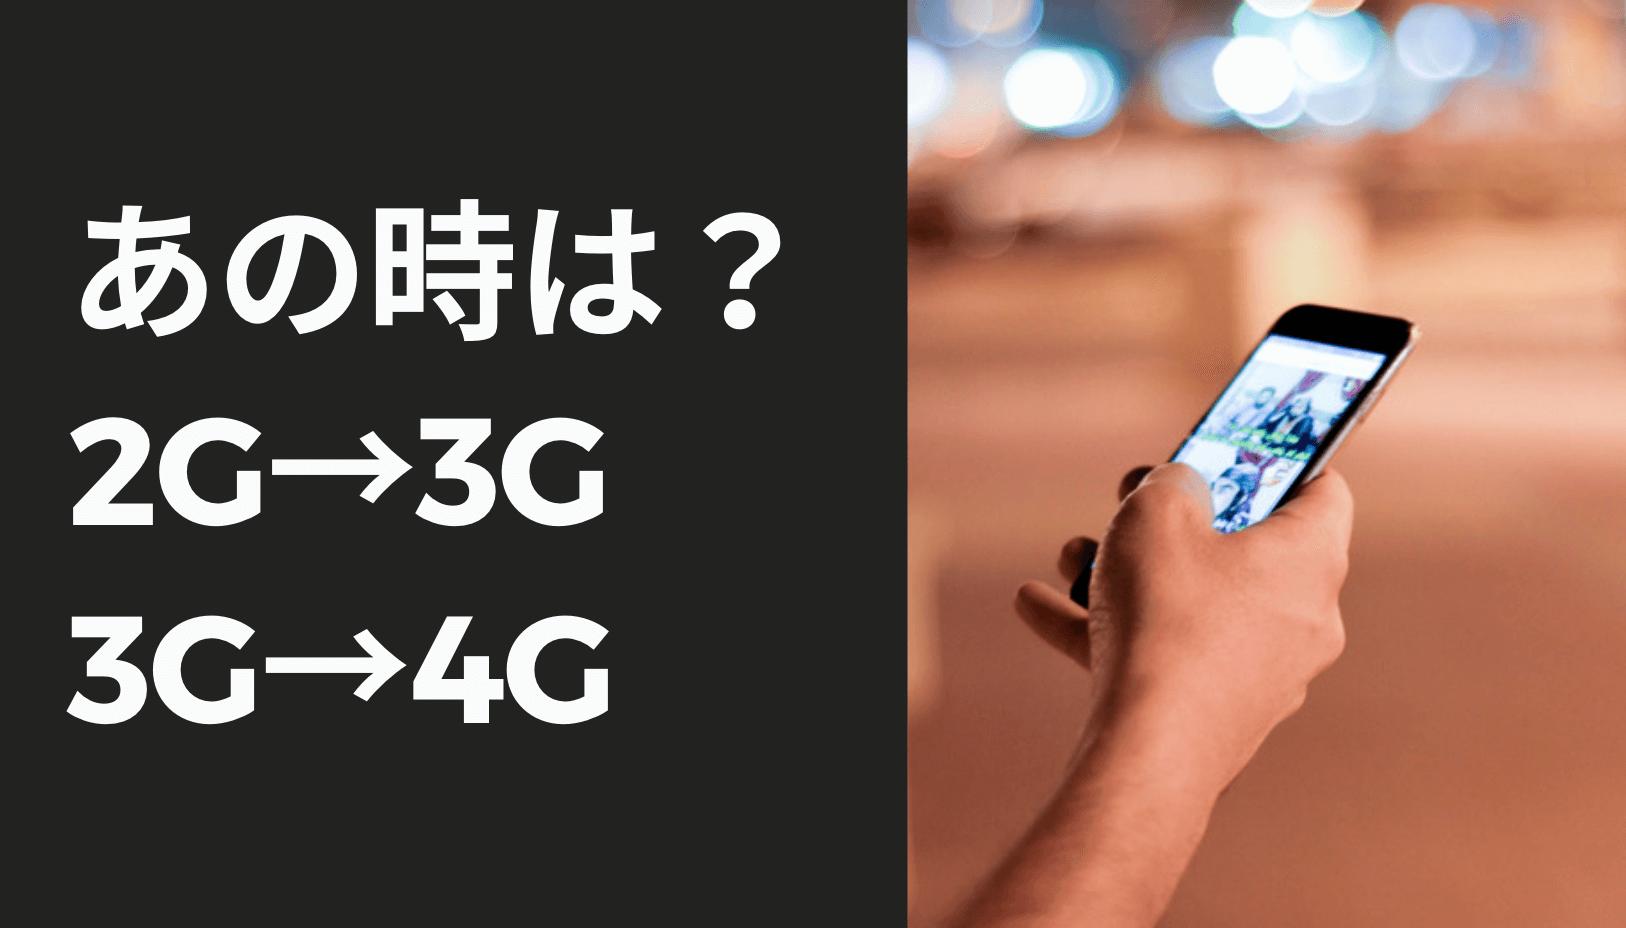 【5G分析】5G関連銘柄の中で、どこが儲かるかを考えてみる7